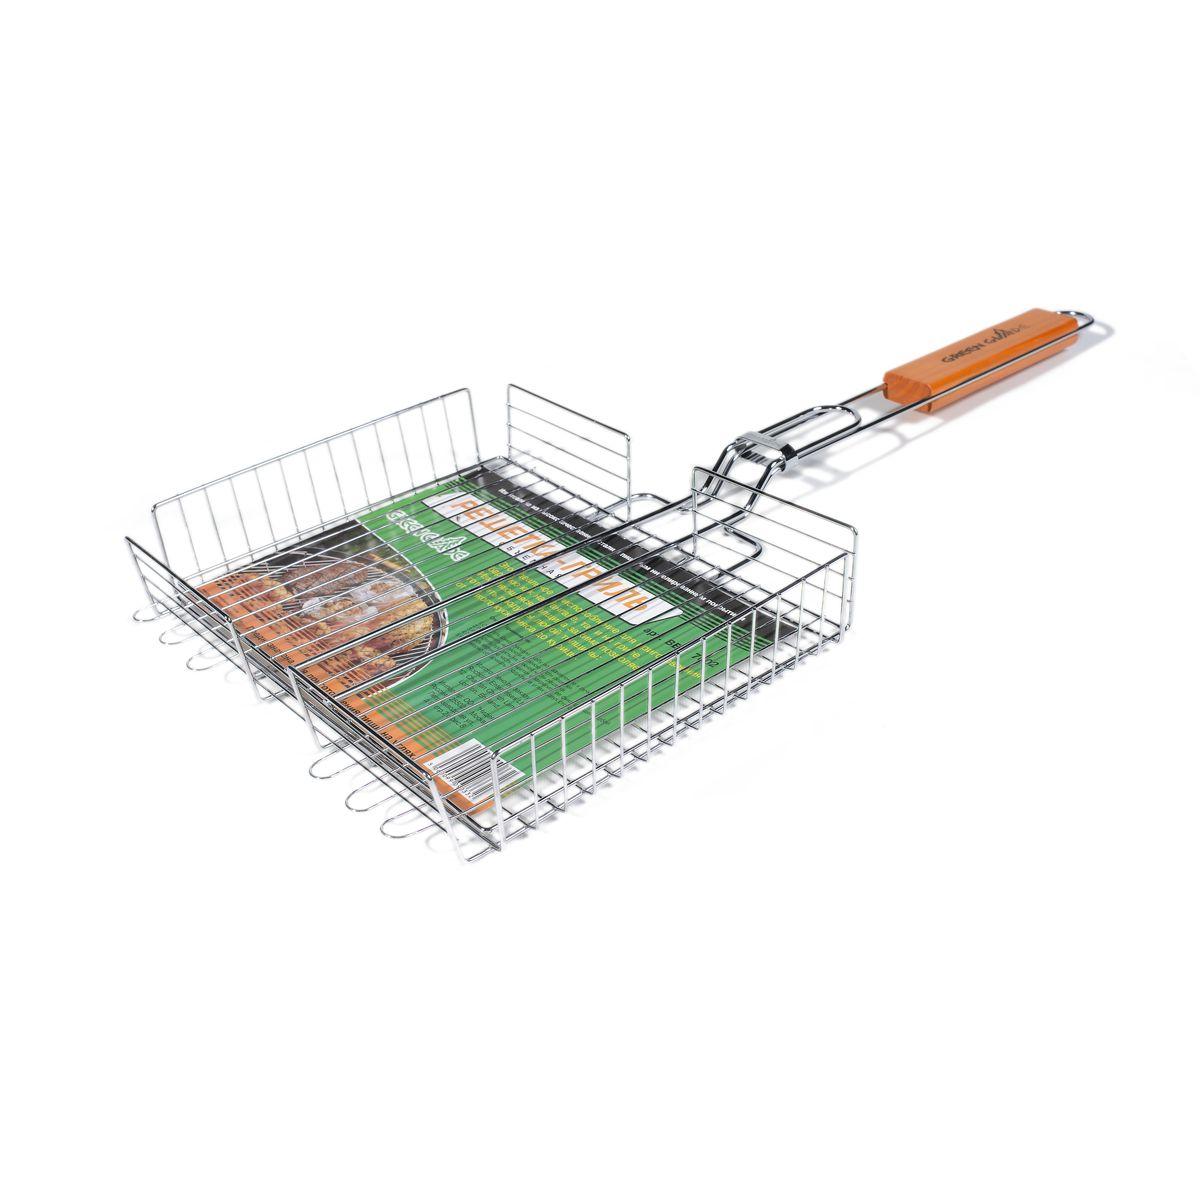 Решетка-гриль Green Glade, объемная, 41 см х 31 см7003Двойная объемная решетка-гриль Green Glade изготовлена из высококачественной хромированной стали с пищевым никелированным покрытием. Это идеальное приспособление для приготовления барбекю как на мангале, так и на гриле. На решетке удобно размещать стейки, ребрышки, сосиски и т.д. Изменяющаяся толщина зажима позволяет готовить продукты любой толщины: от тонкого куска мяса до курицы. Предназначена для приготовления пищи на углях. Блюда получаются сочными, ароматными, с аппетитной специфической корочкой. Рукоятка изделия оснащена деревянной вставкой и фиксирующей скобой, которая зажимает створки решетки. Размер рабочей поверхности решетки: 41 см х 31 см. Общая длина решетки (с ручкой): 67 см.Высота стенки решетки: 6 см.